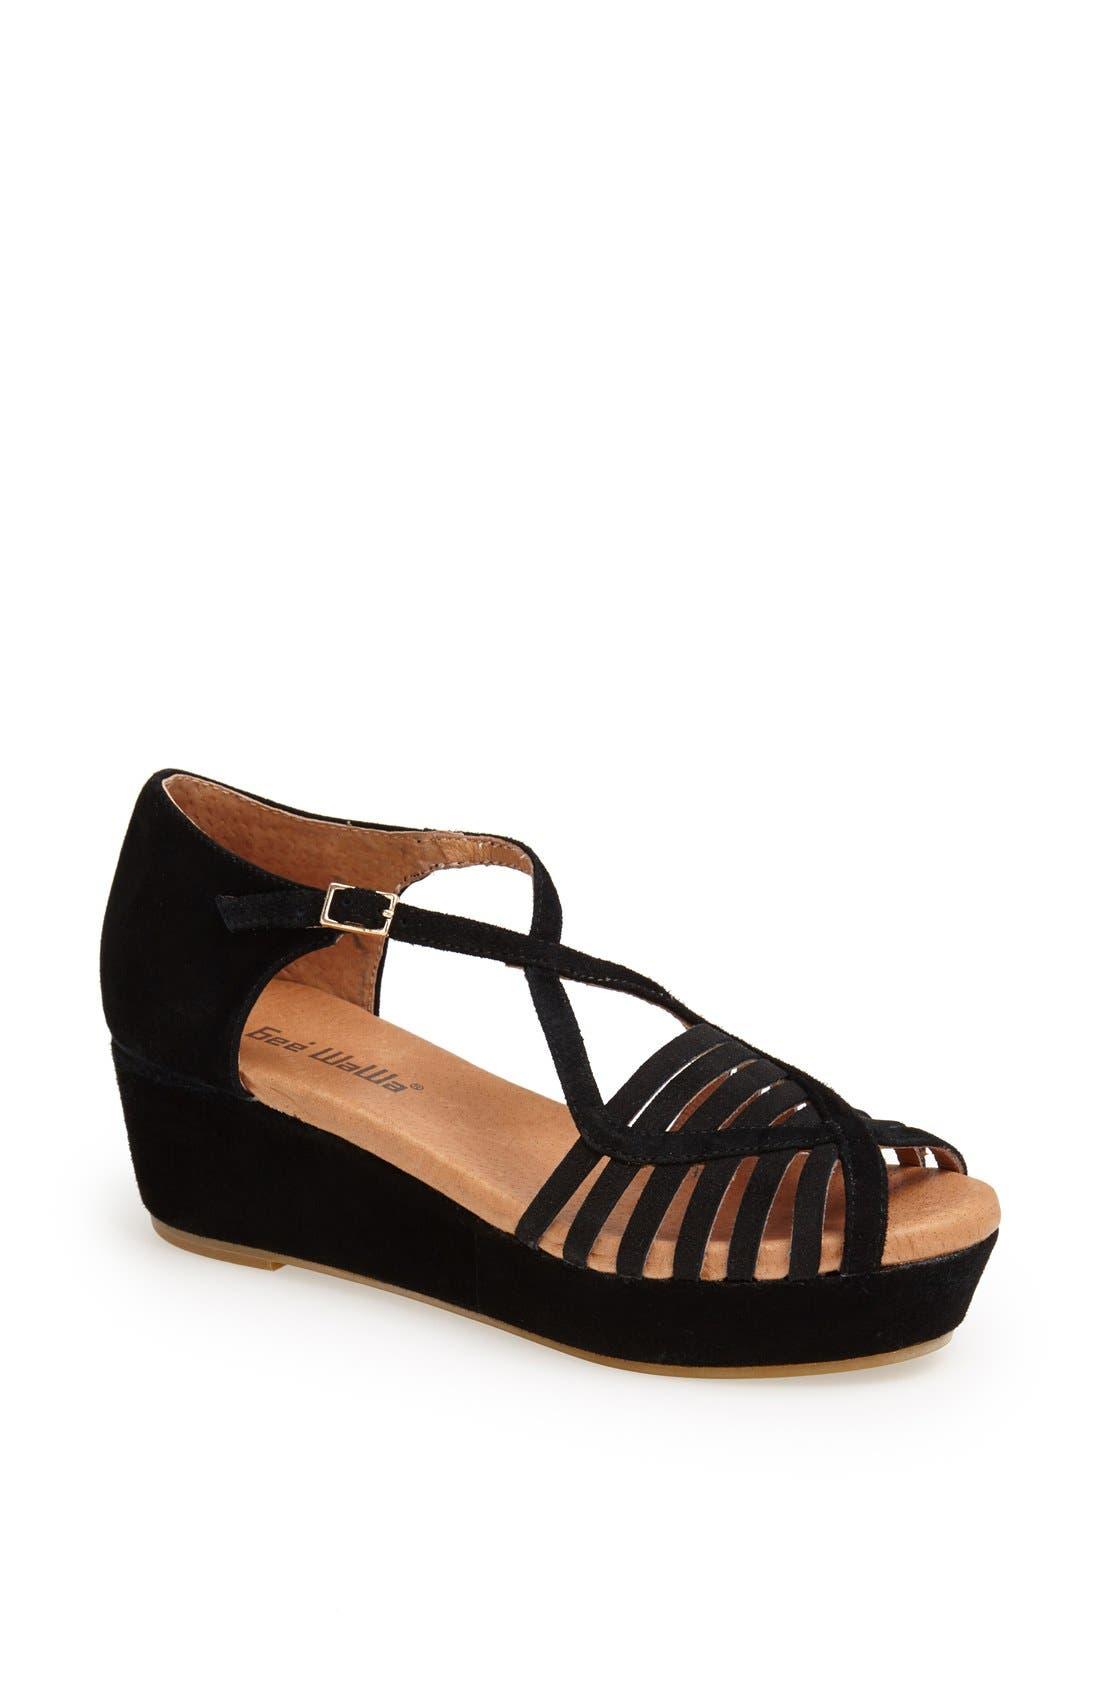 Main Image - Gee WaWa 'Doris' Sandal